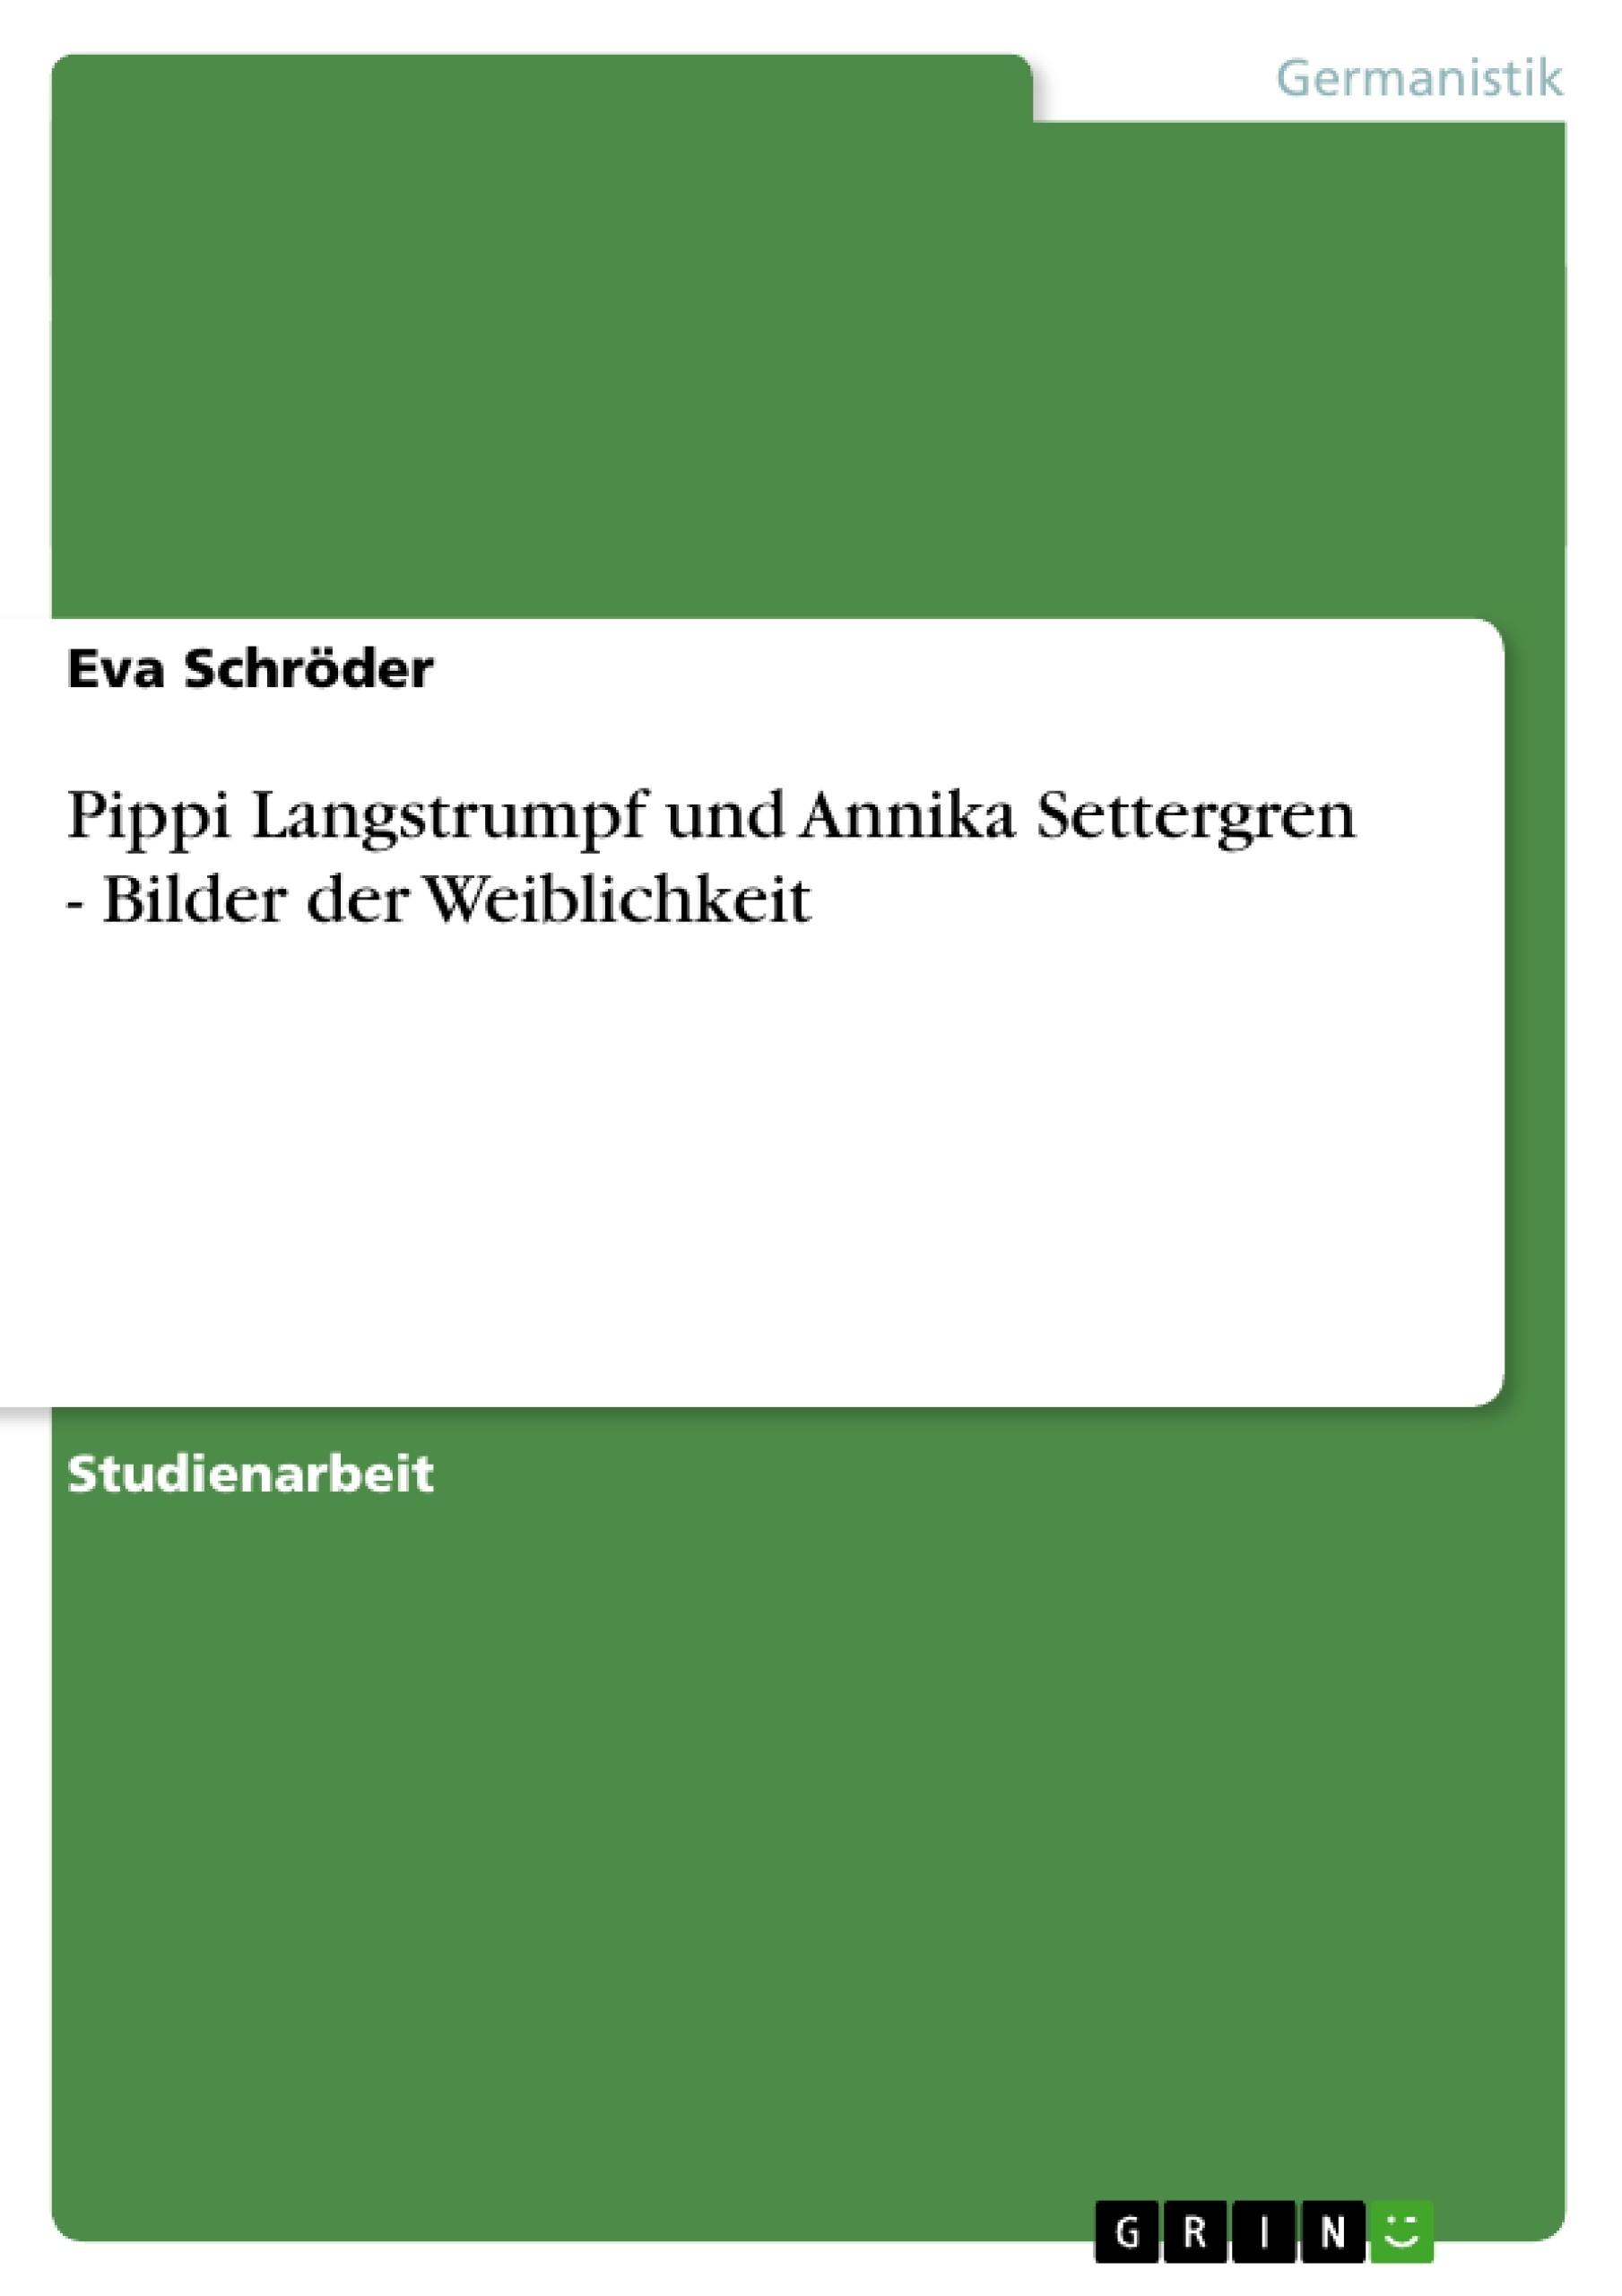 Titel: Pippi Langstrumpf und Annika Settergren - Bilder der Weiblichkeit